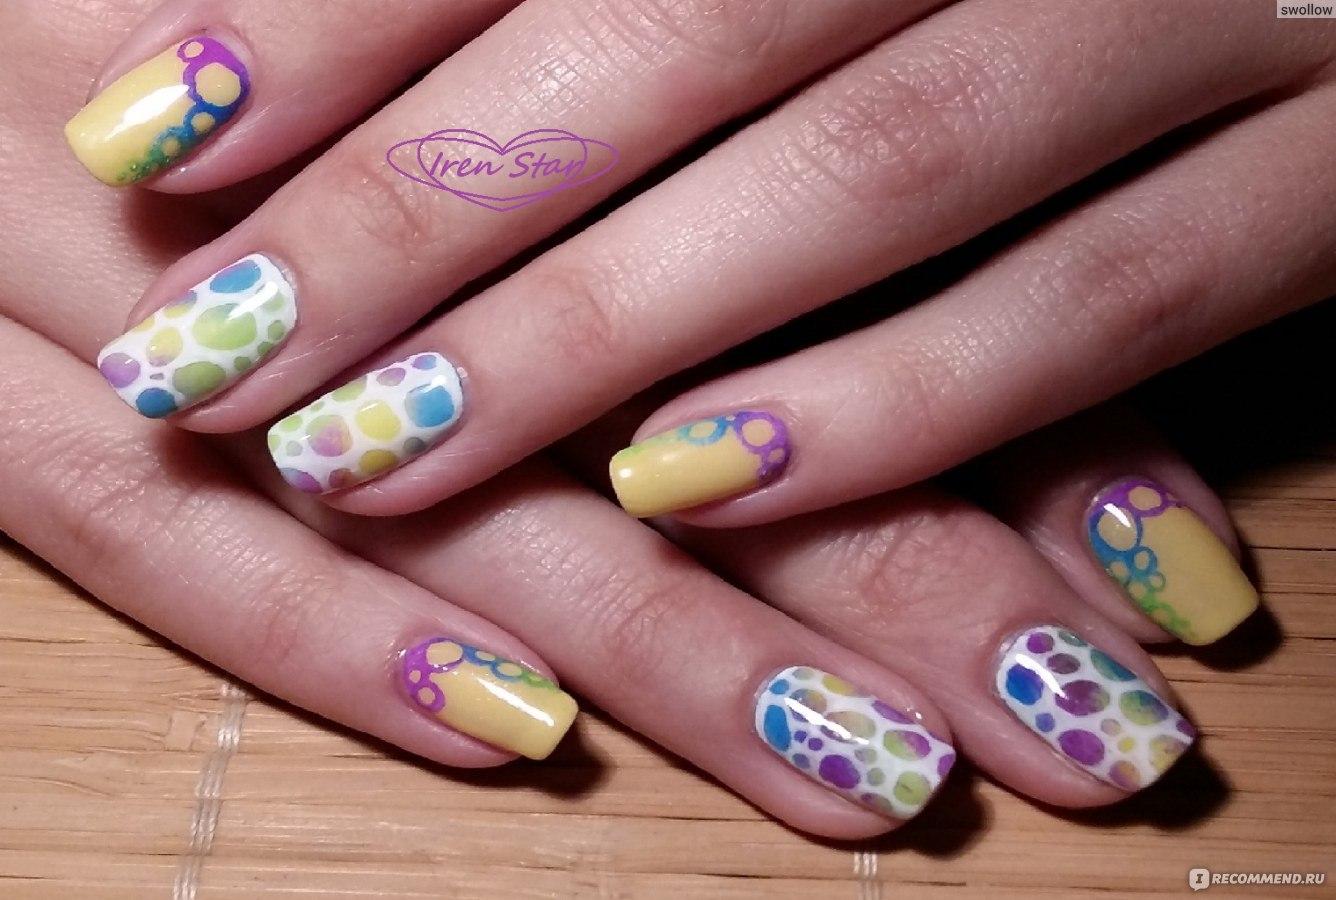 Дизайн ногтей с пигментами фото